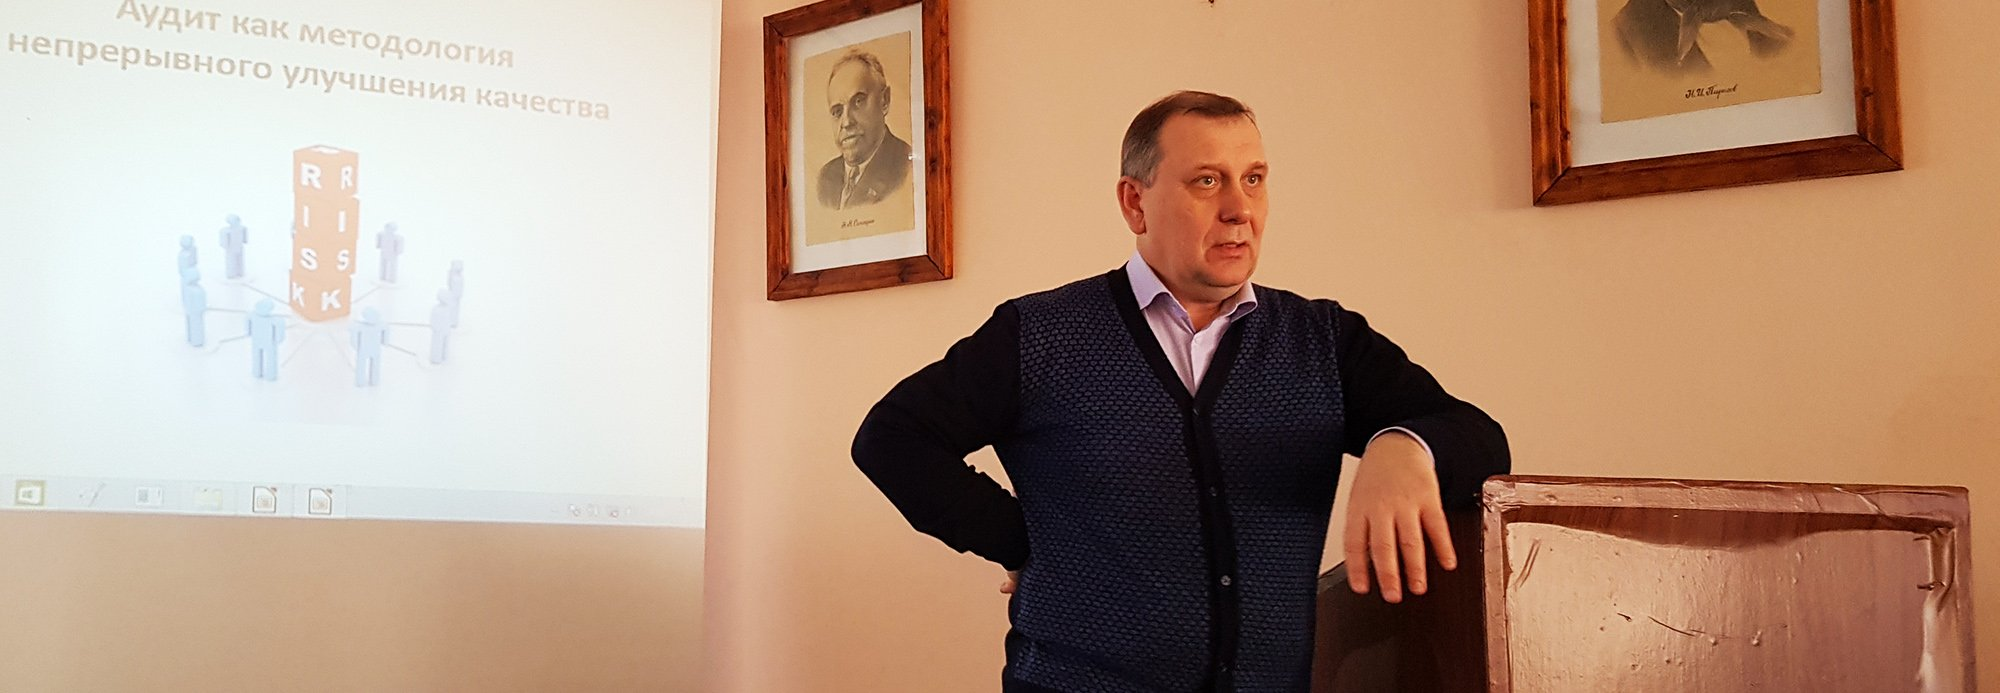 Специалисты больницы приняли участие в аудите Росздравнадзора